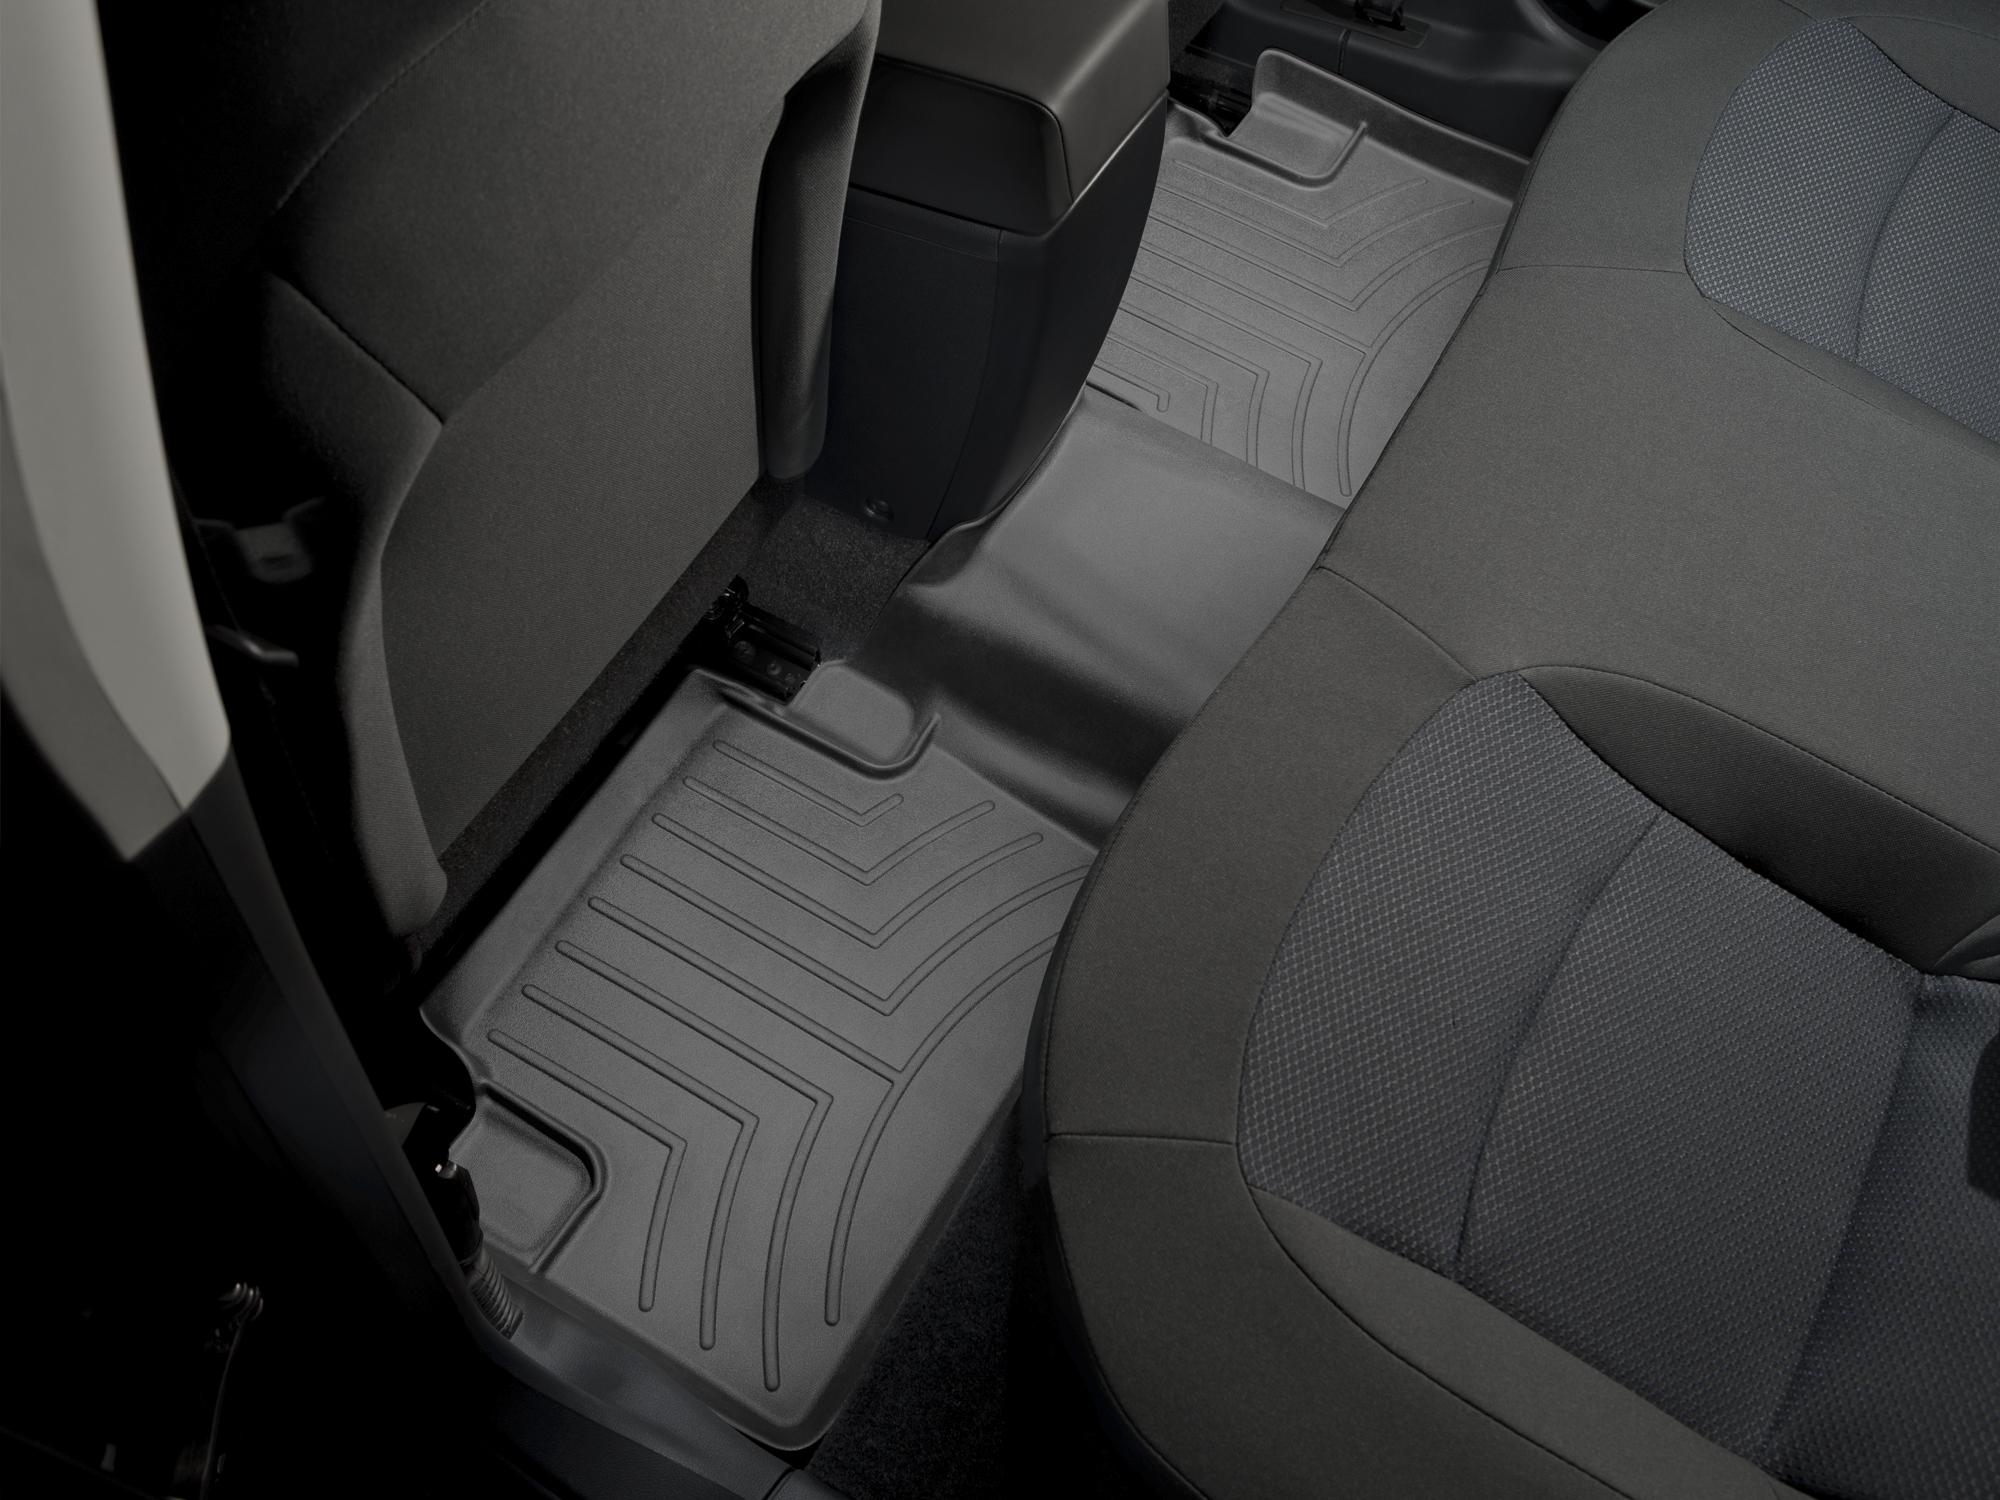 Tappeti gomma su misura bordo alto Nissan Qashqai 07>13 Nero A2916